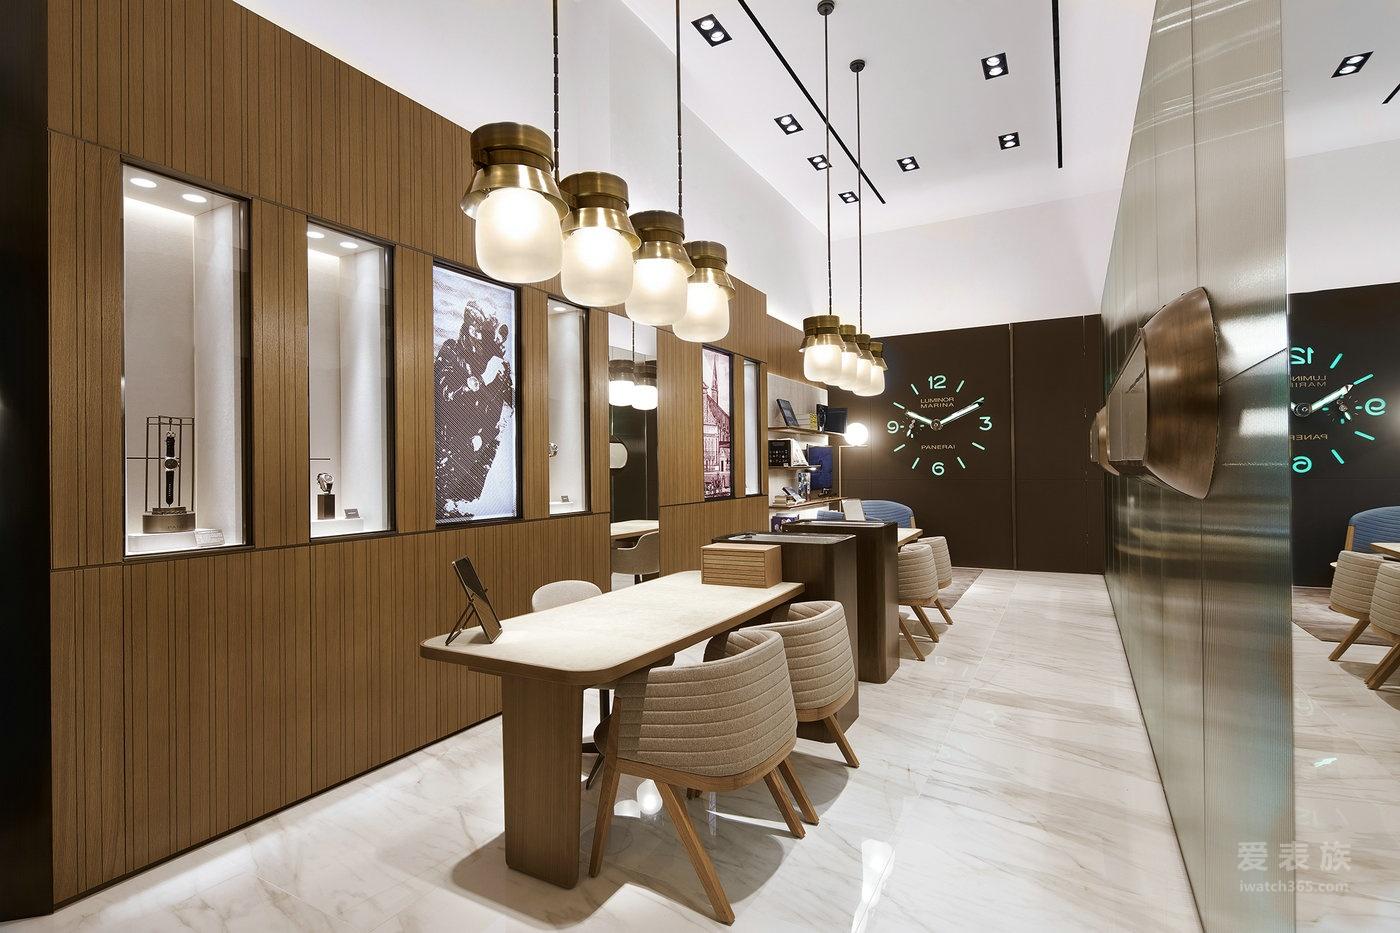 沛纳海重新揭幕曼谷暹罗百乐宫专卖店